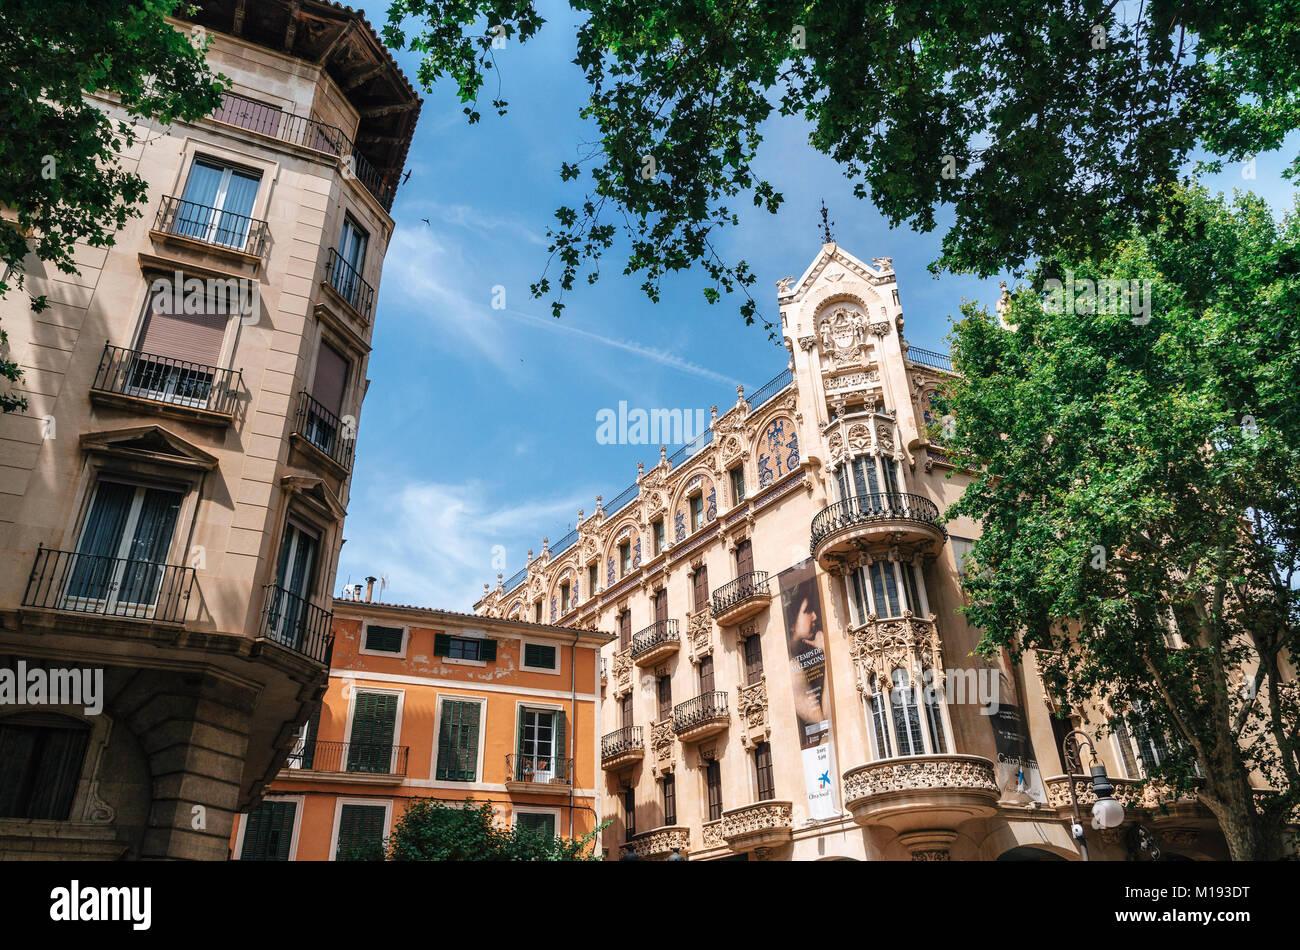 Palma de Mallorca, Spagna - 27 Maggio 2016: la moderna architettura mediterranea in Palma di Maiorca, isole Baleari, Foto Stock